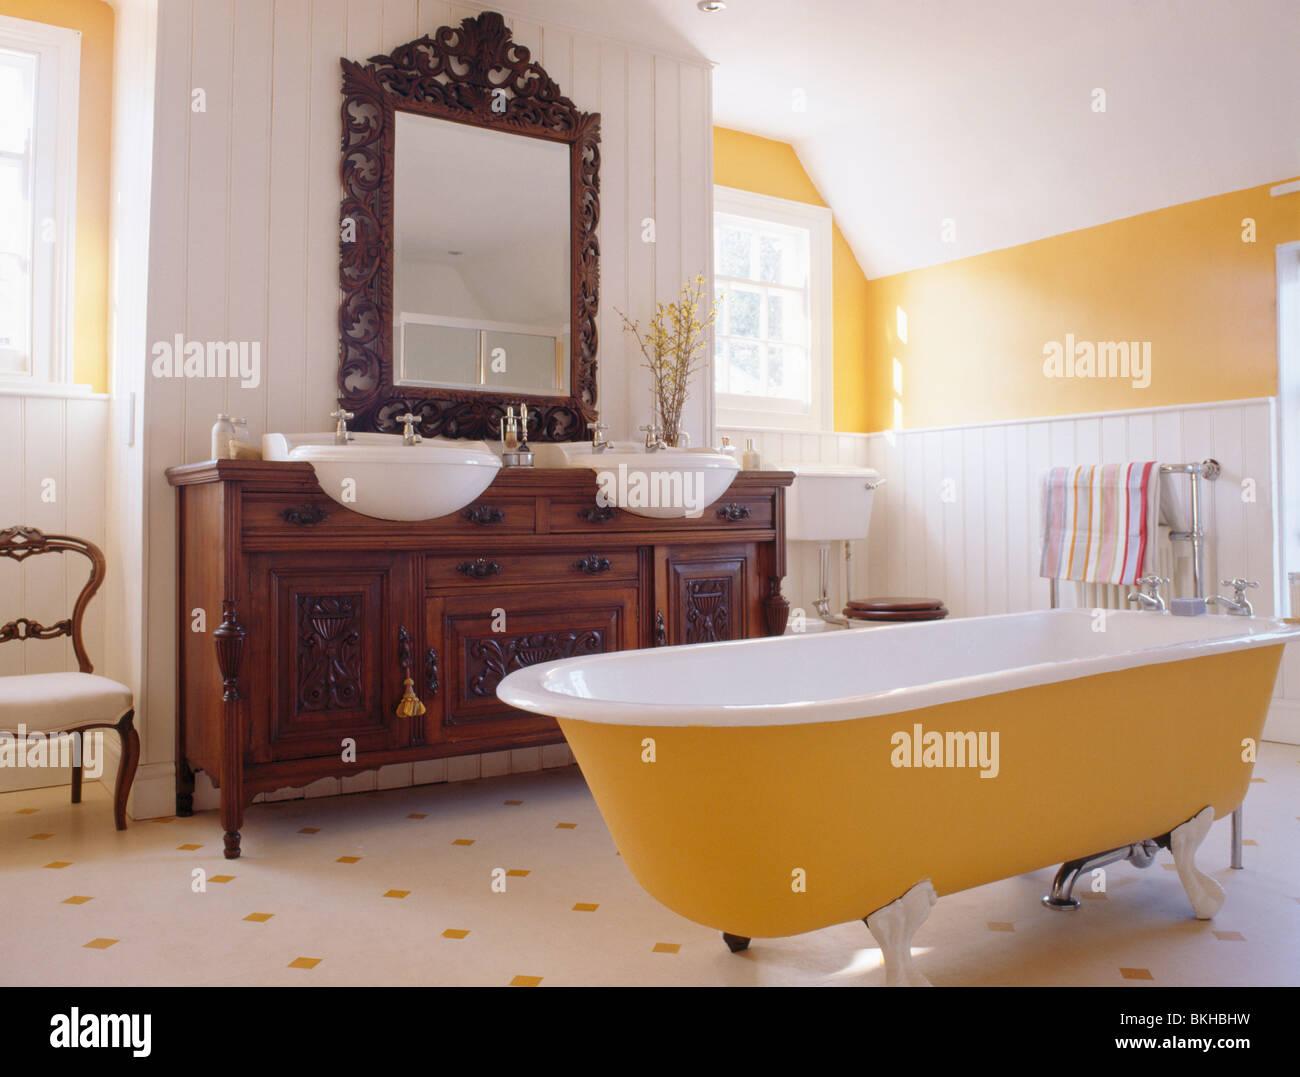 Baignoire jaune en jaune et blanc salle de bains avec un miroir ...